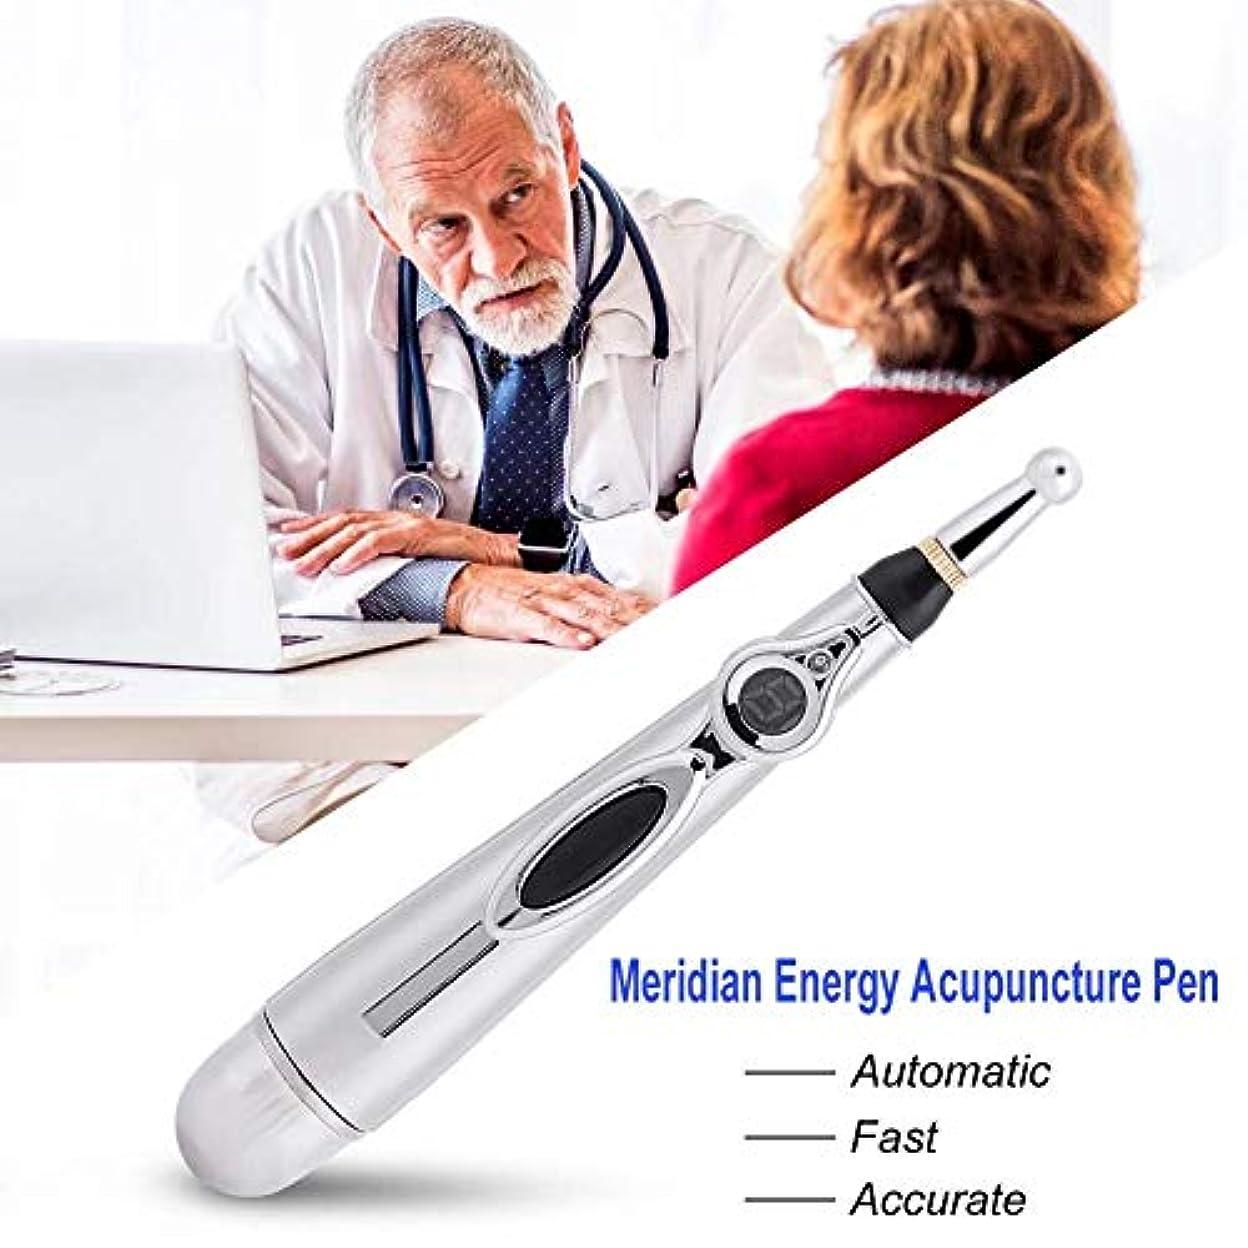 カテゴリー頂点アクセス電子鍼ペン強力な経絡エネルギーペン救済痛みツール機能エネルギー痛み療法救済